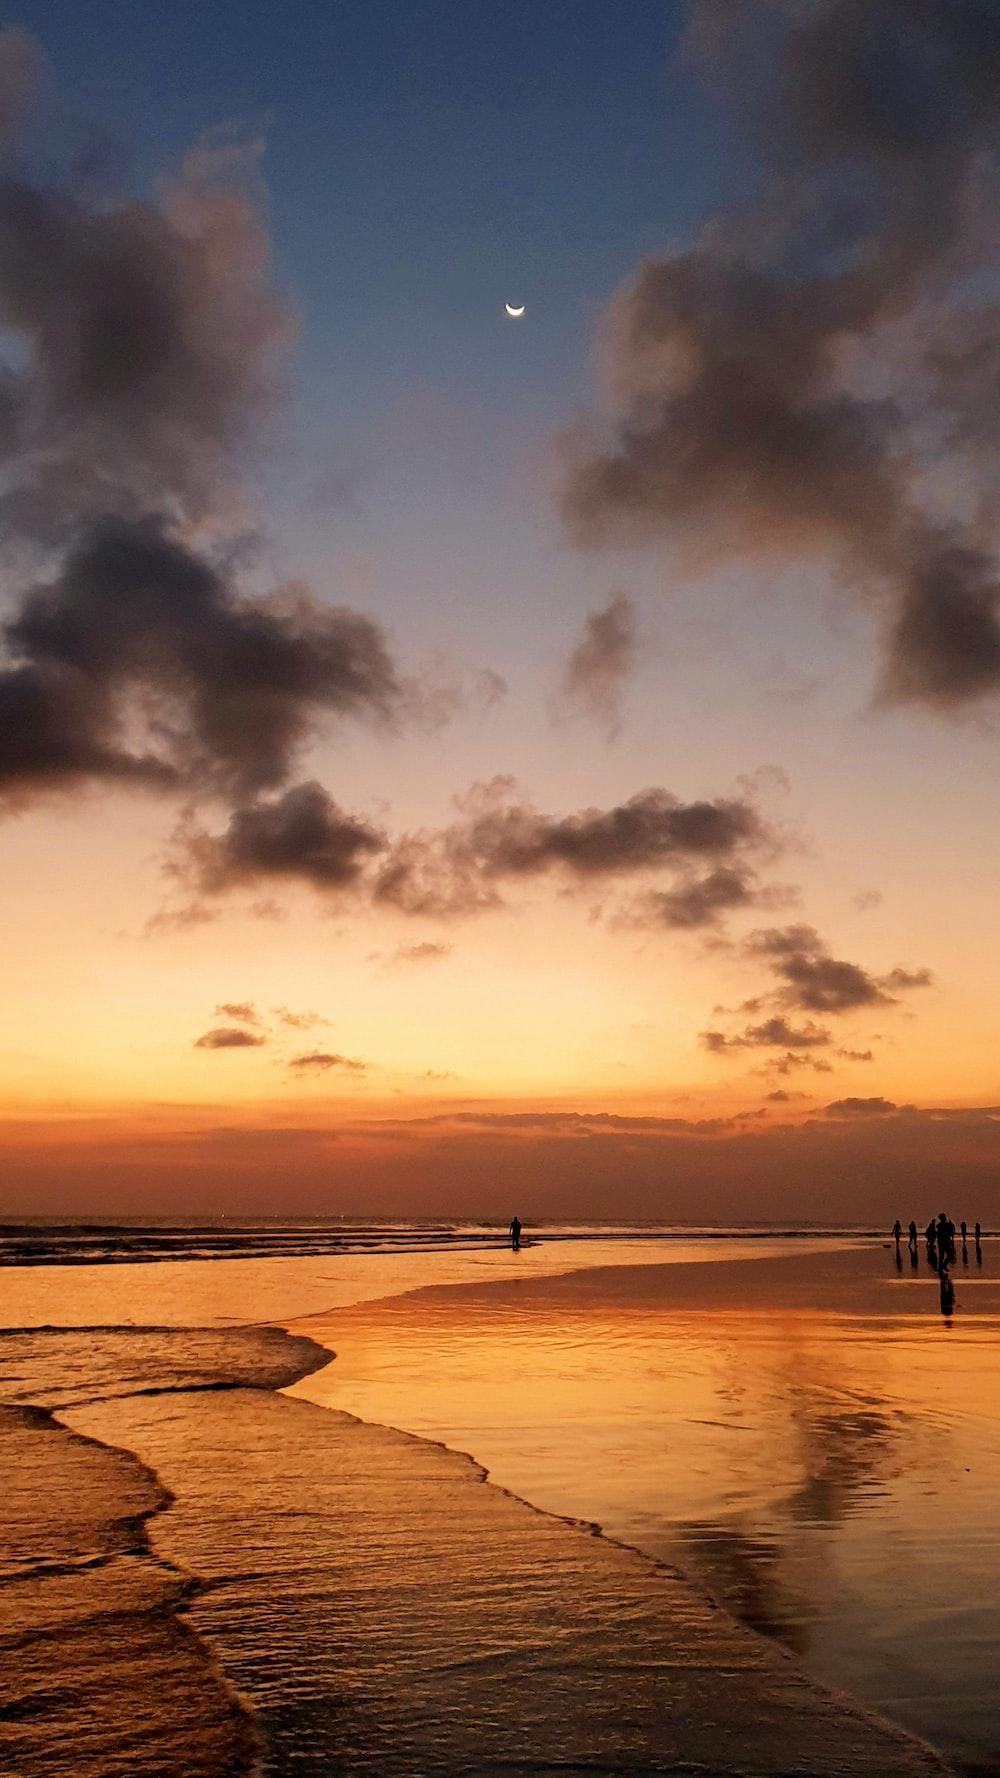 people near seashore under brown and orange skies